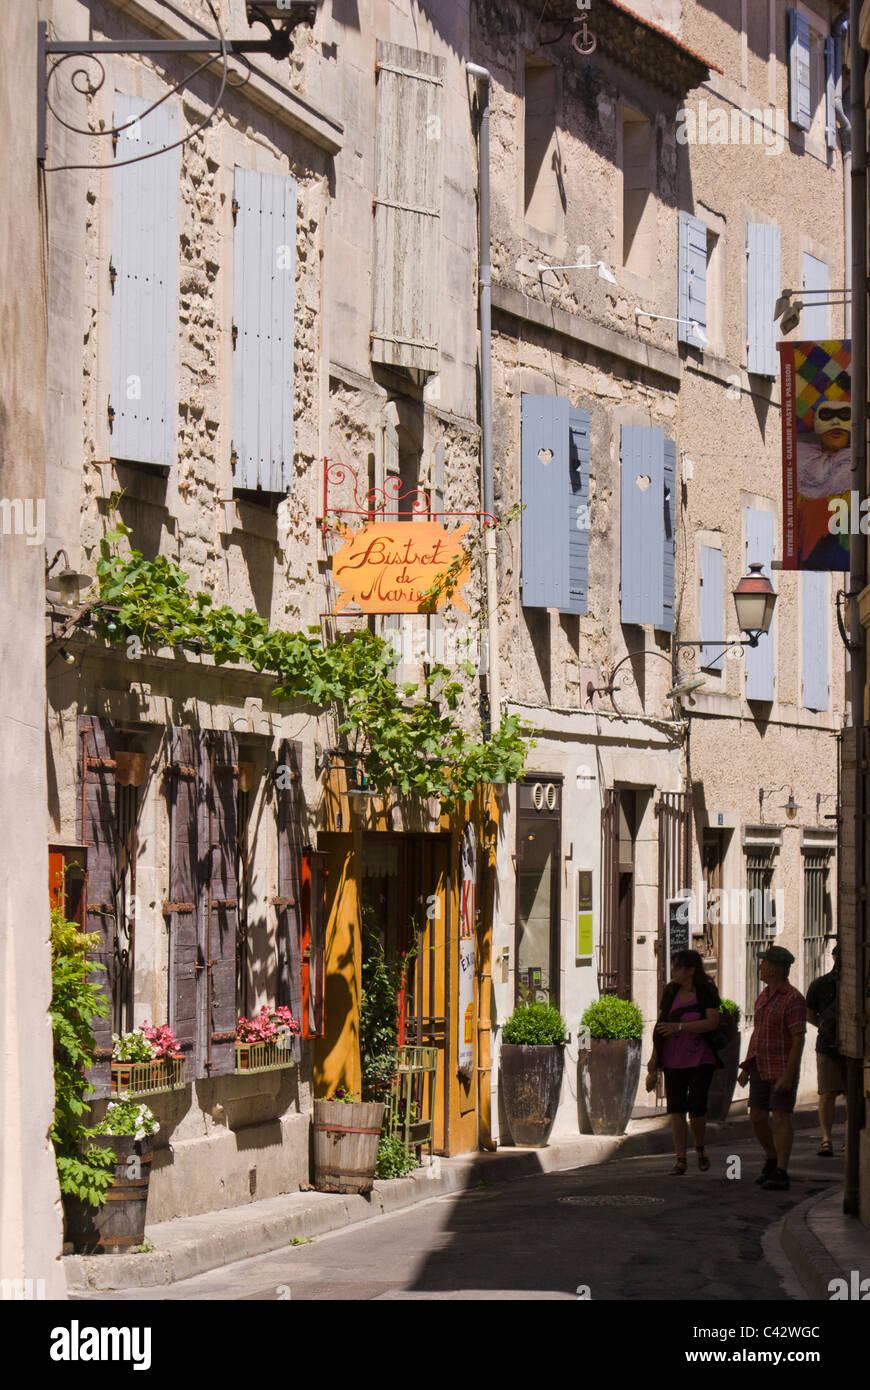 Dans la rue Saint-Rémy-de-Provence, France. Photo Stock